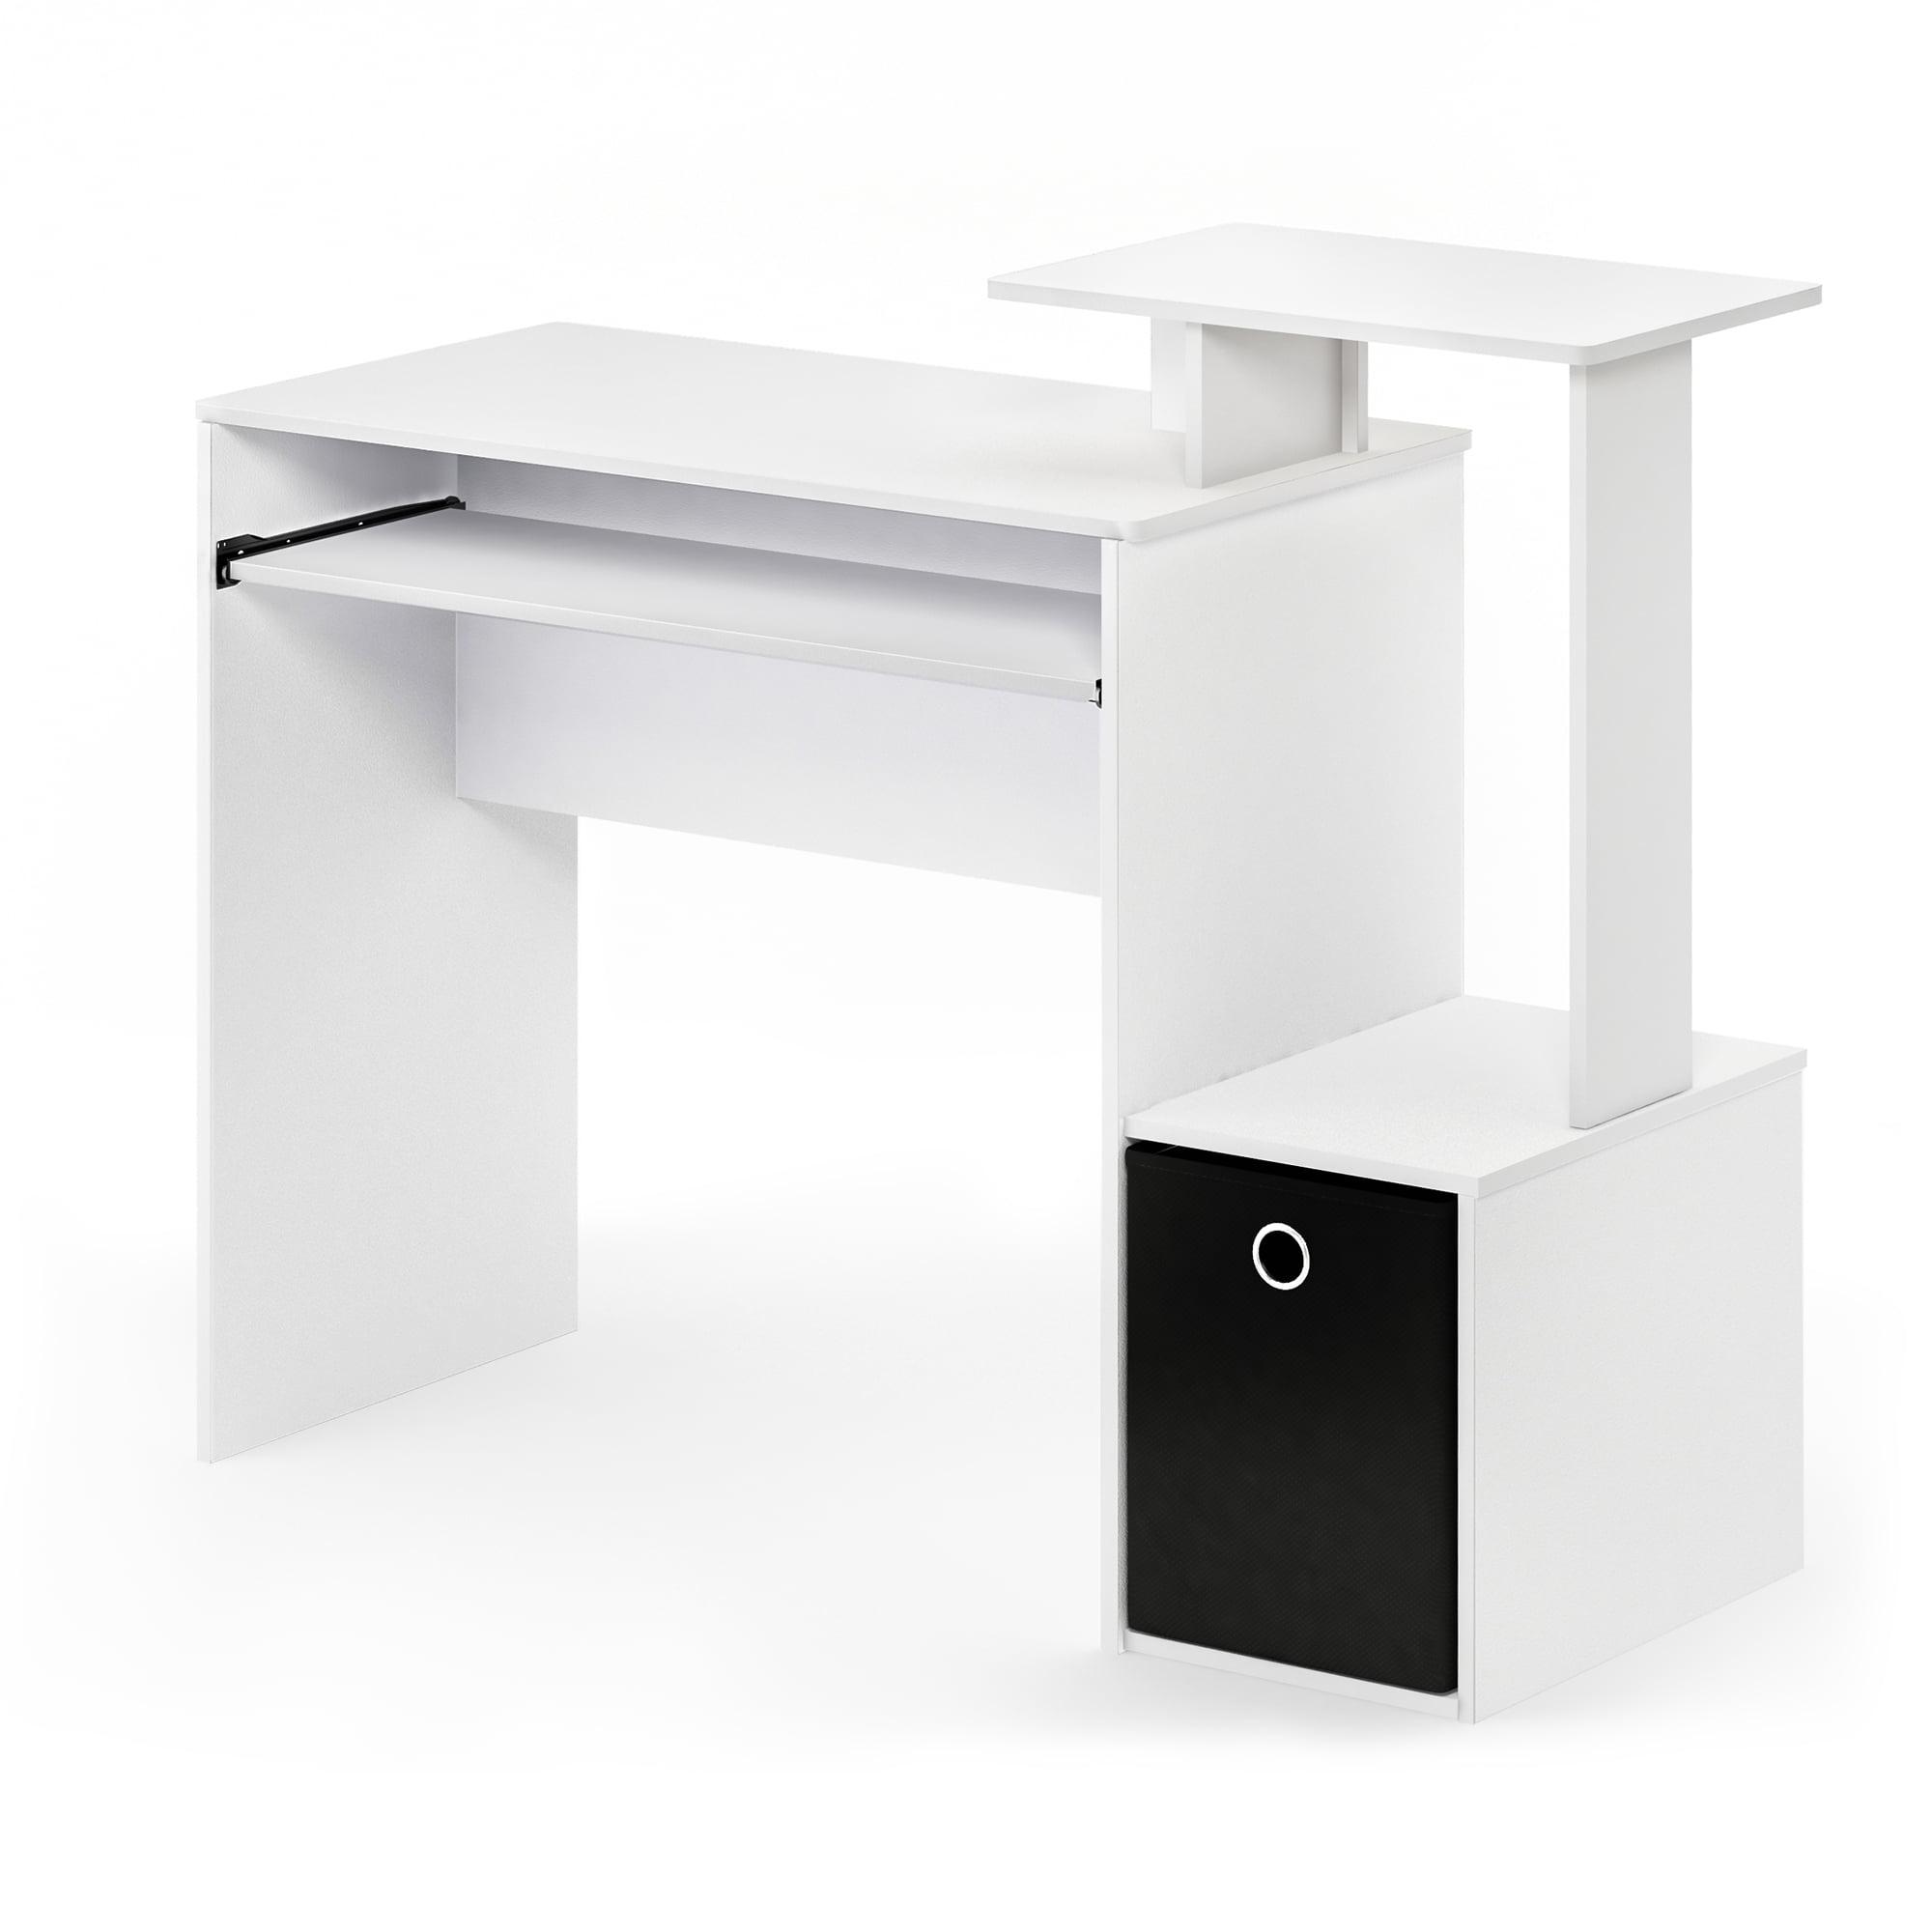 Furinno Econ Multipurpose Home Office Computer Writing Desk W Bin White Black Walmart Com Walmart Com